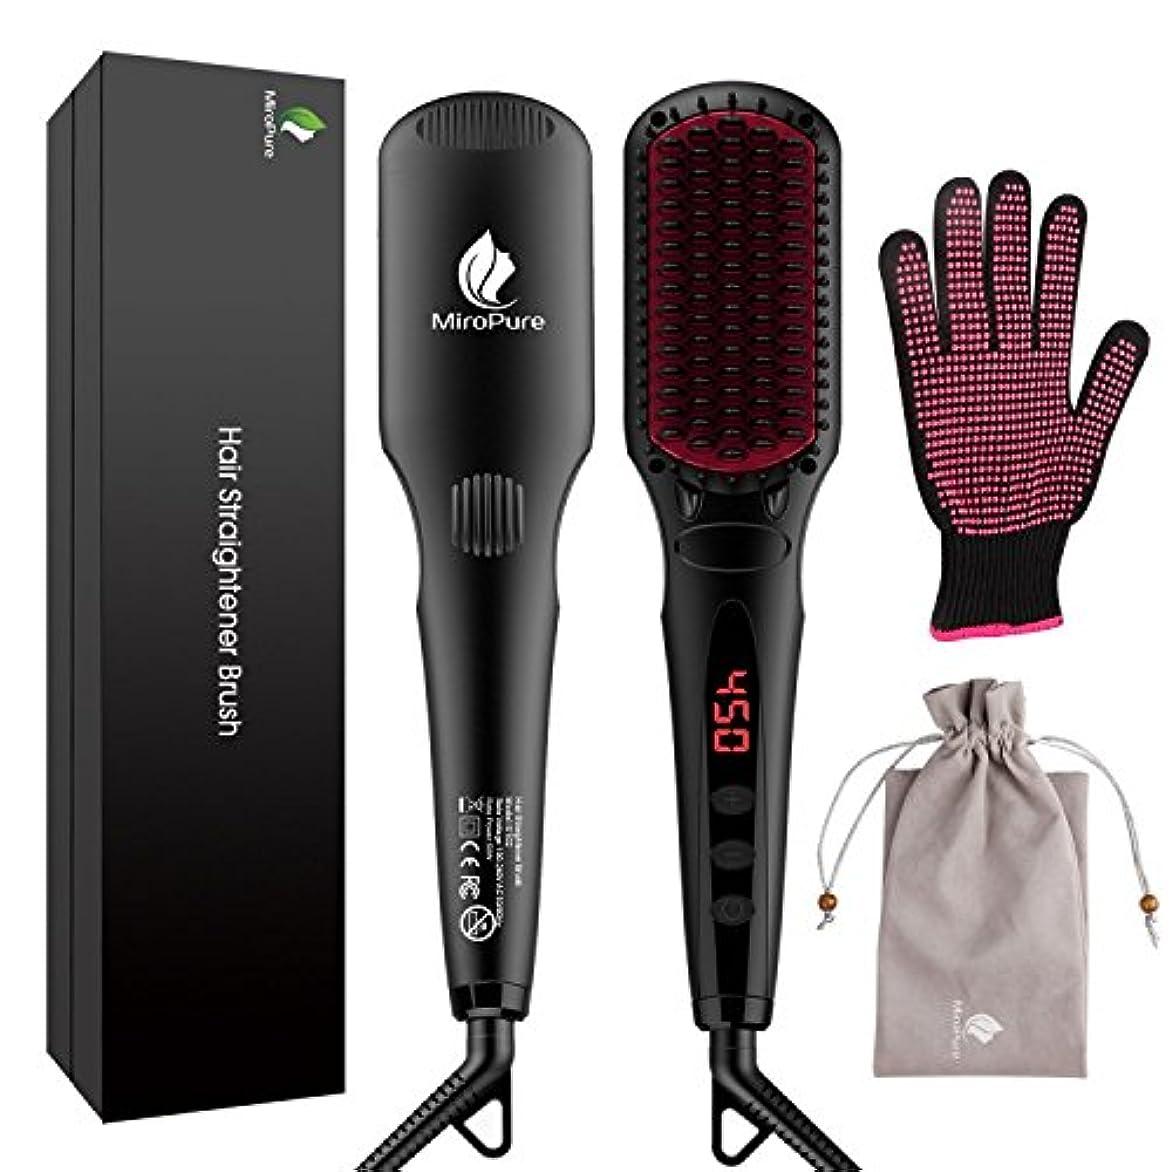 金銭的義務づける祝福MiroPure 2 in 1 Ionic Hair Straightener Brush ヘアストレートヘアブラシ with Heat Resistant Glove and Temperature Lock Function...